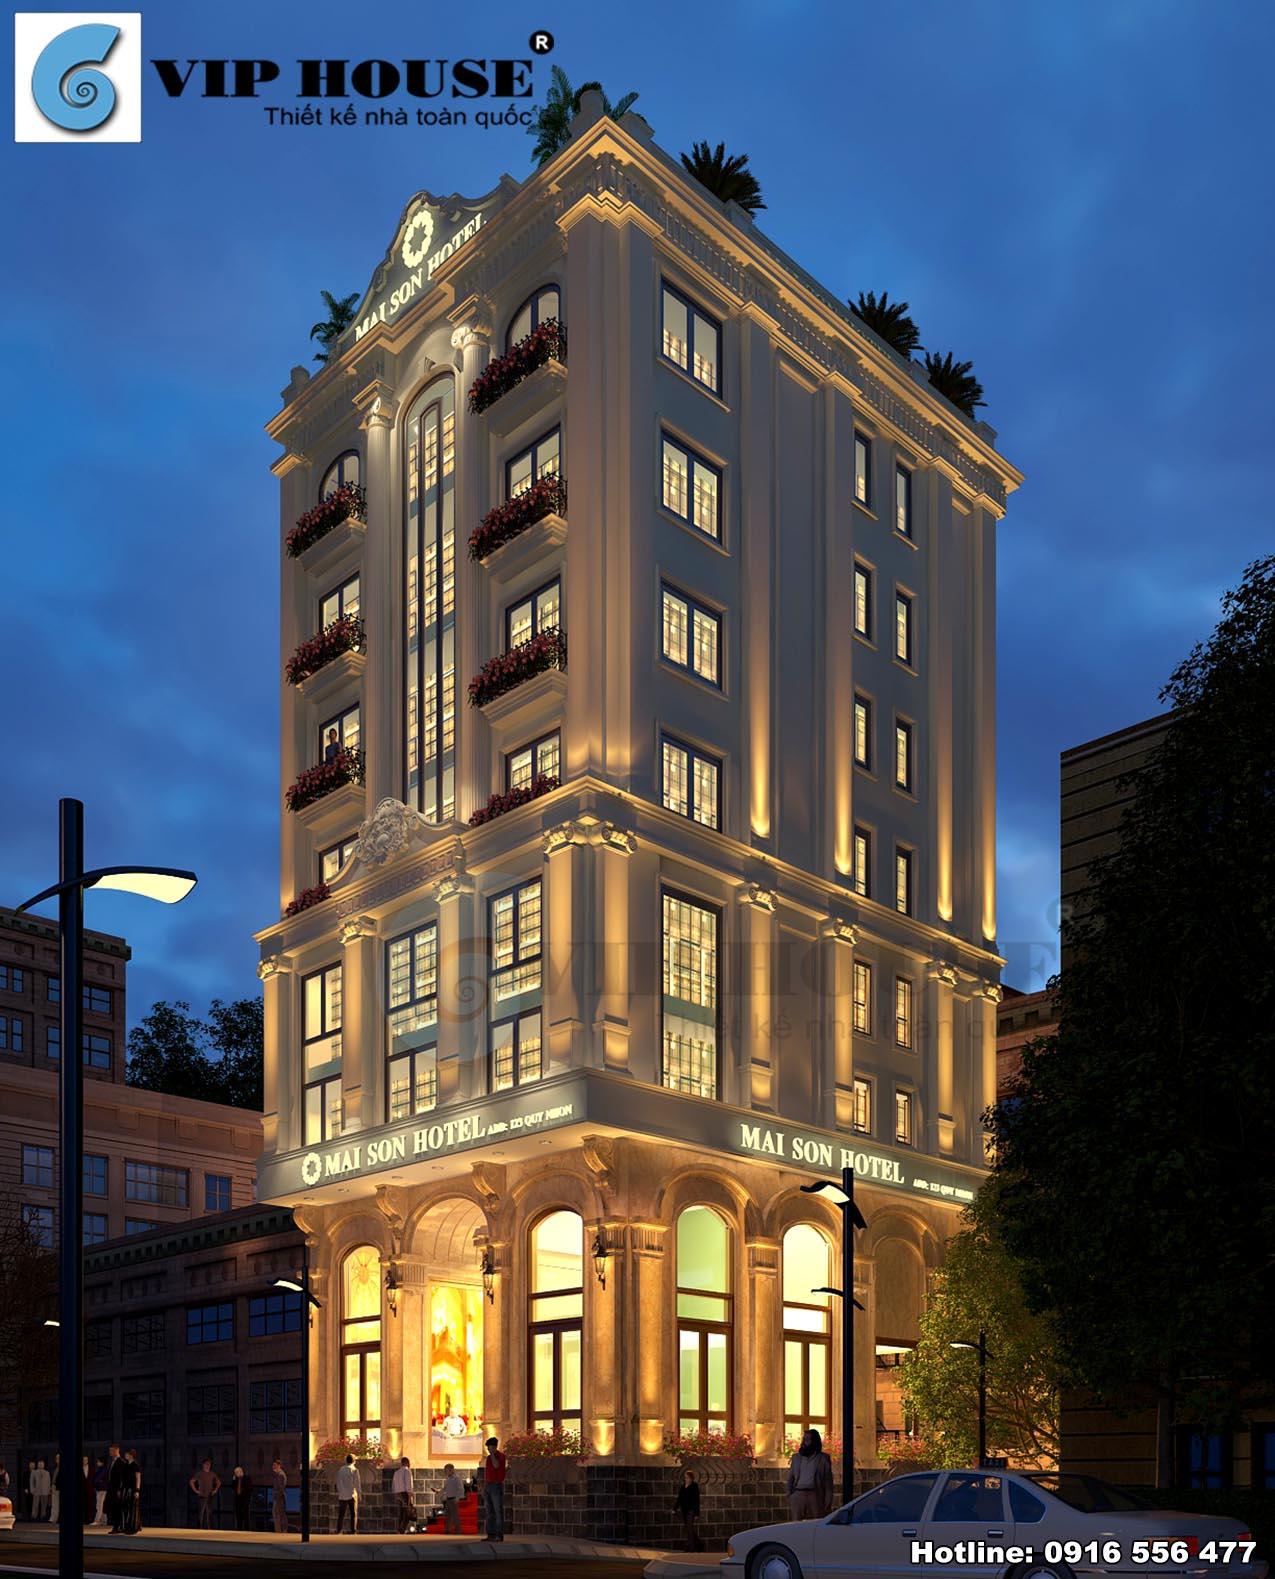 Hình ảnh: Phương án thiết kế khách sạn Mai Son Hotel tân cổ điển đẹp một cách toàn diện